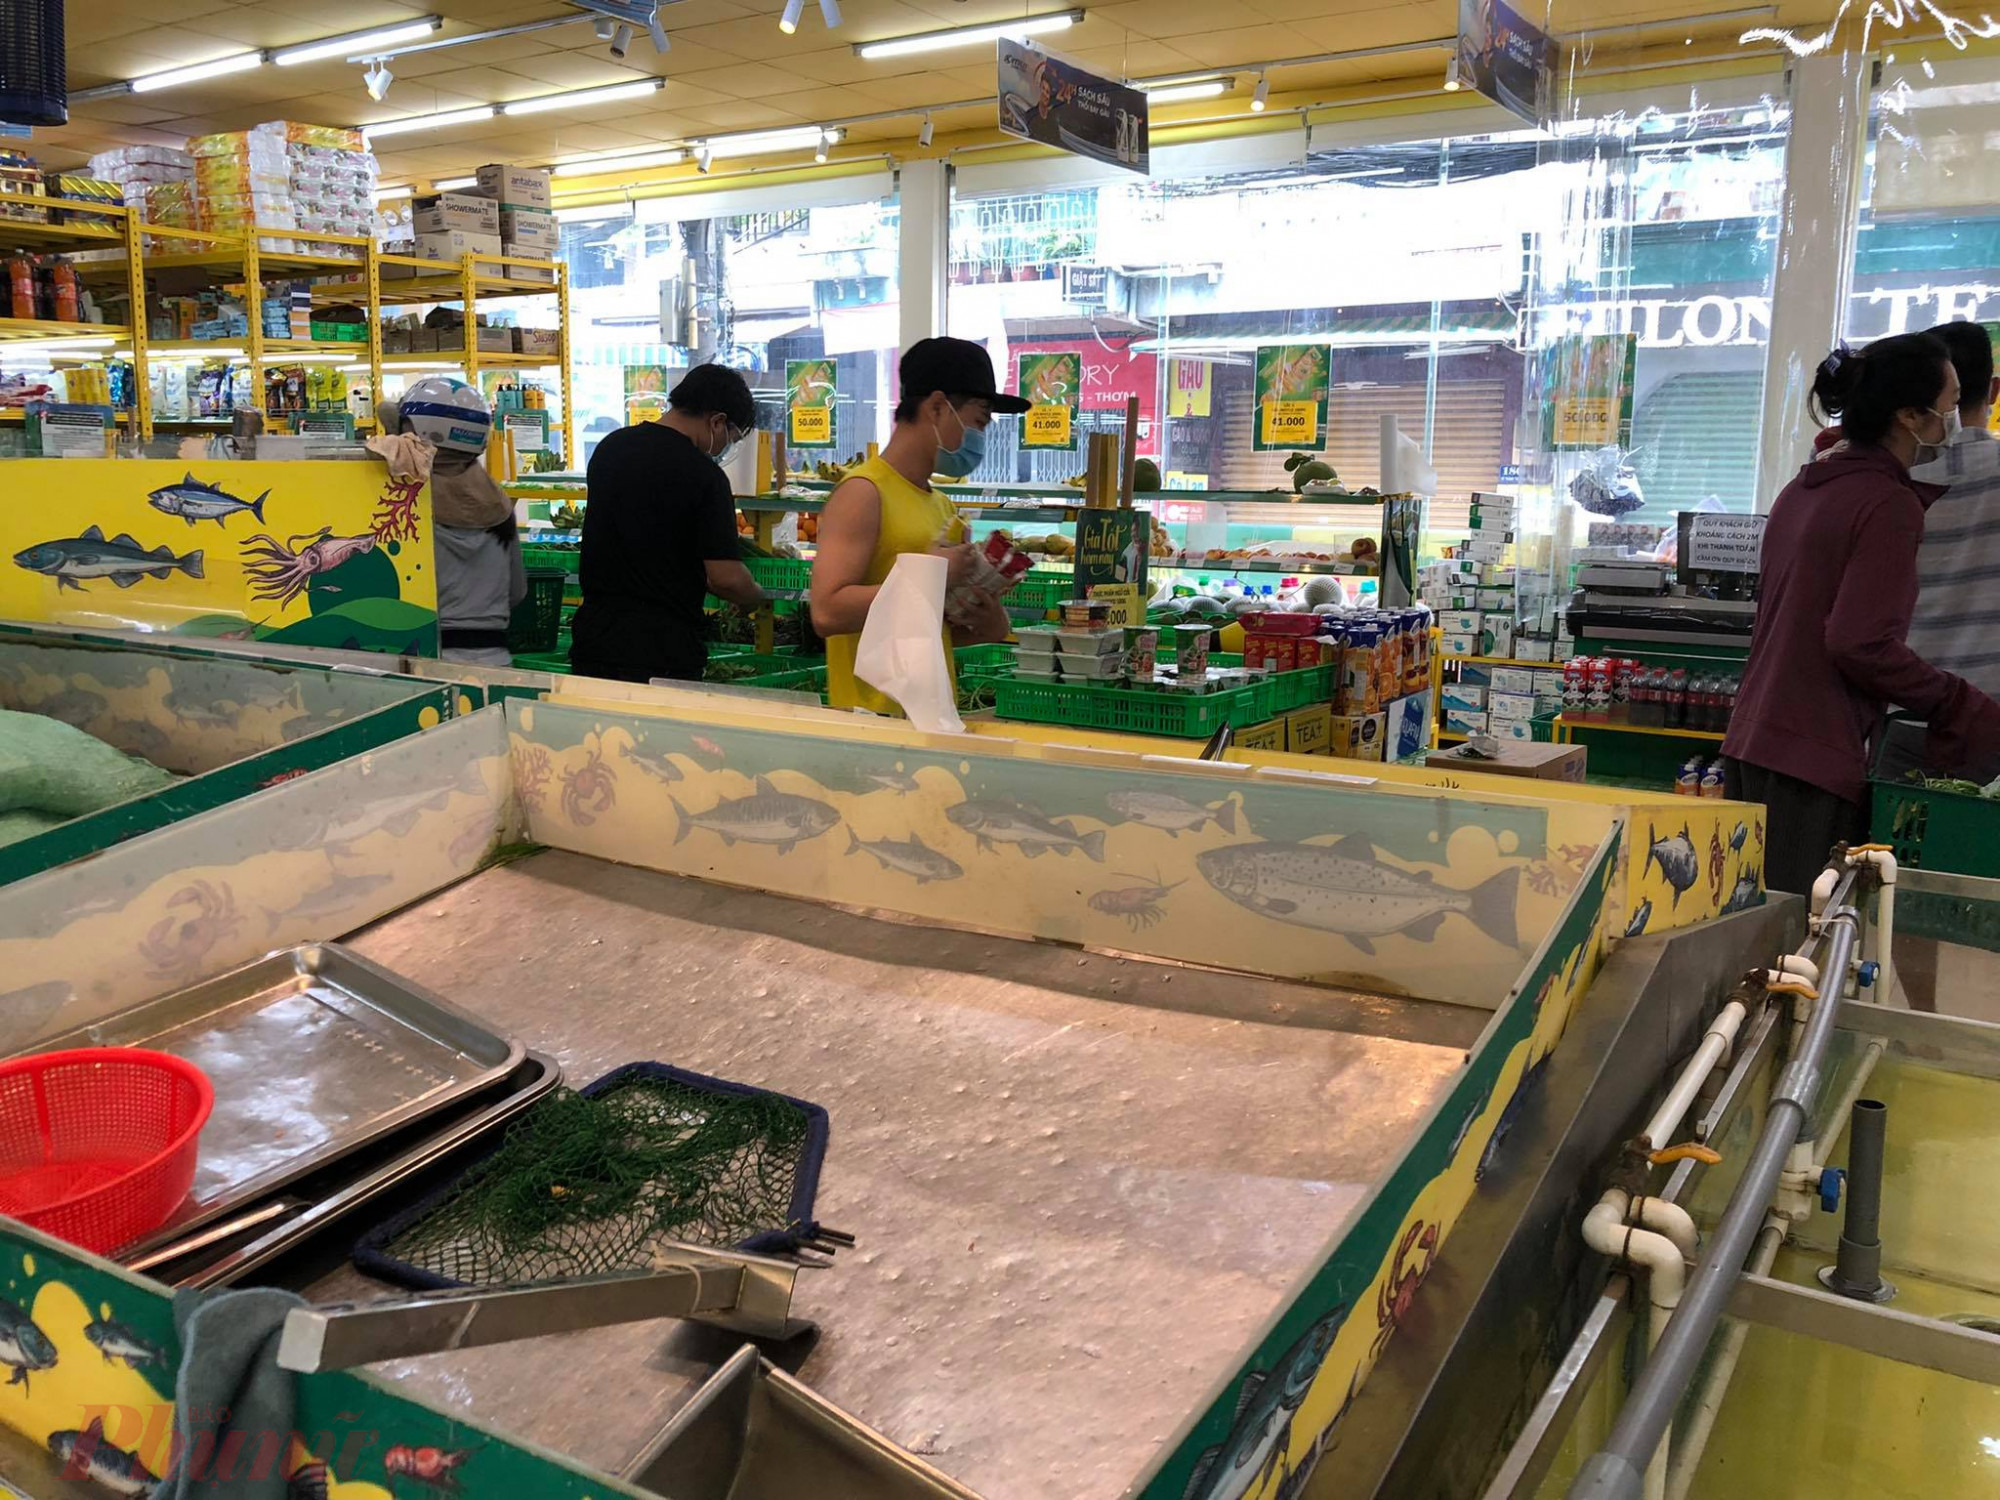 Kệ  bán  cá  bị mua sạch  sẽ.